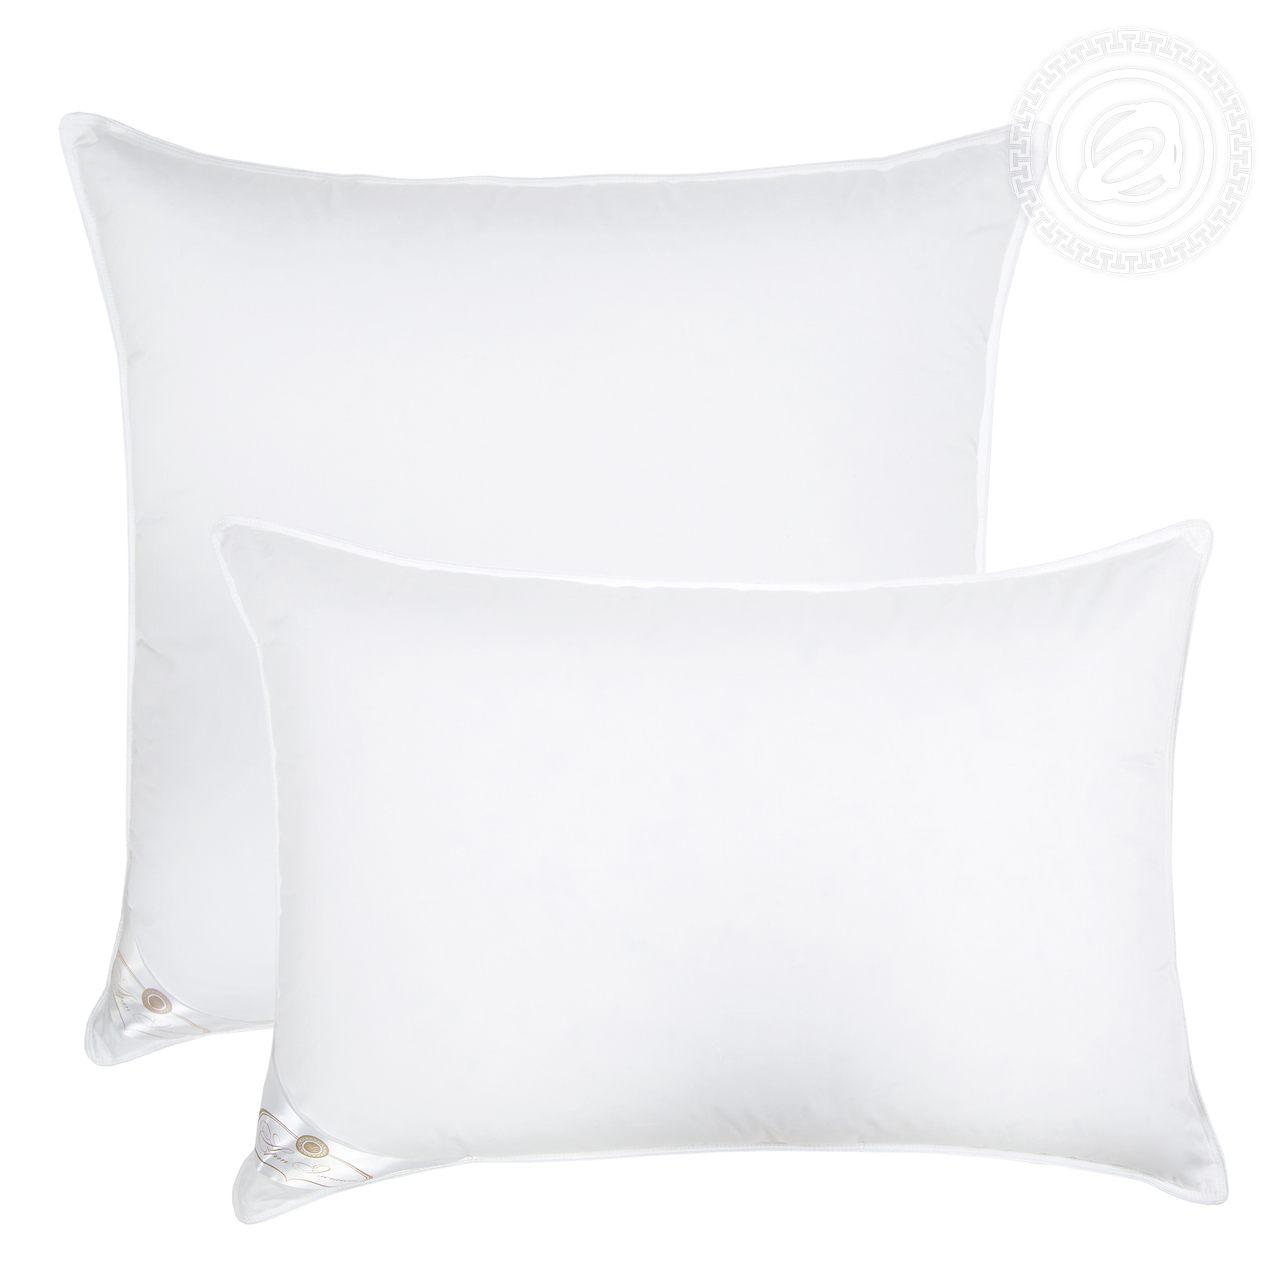 Пуховая подушка средняя Соната Артпостель